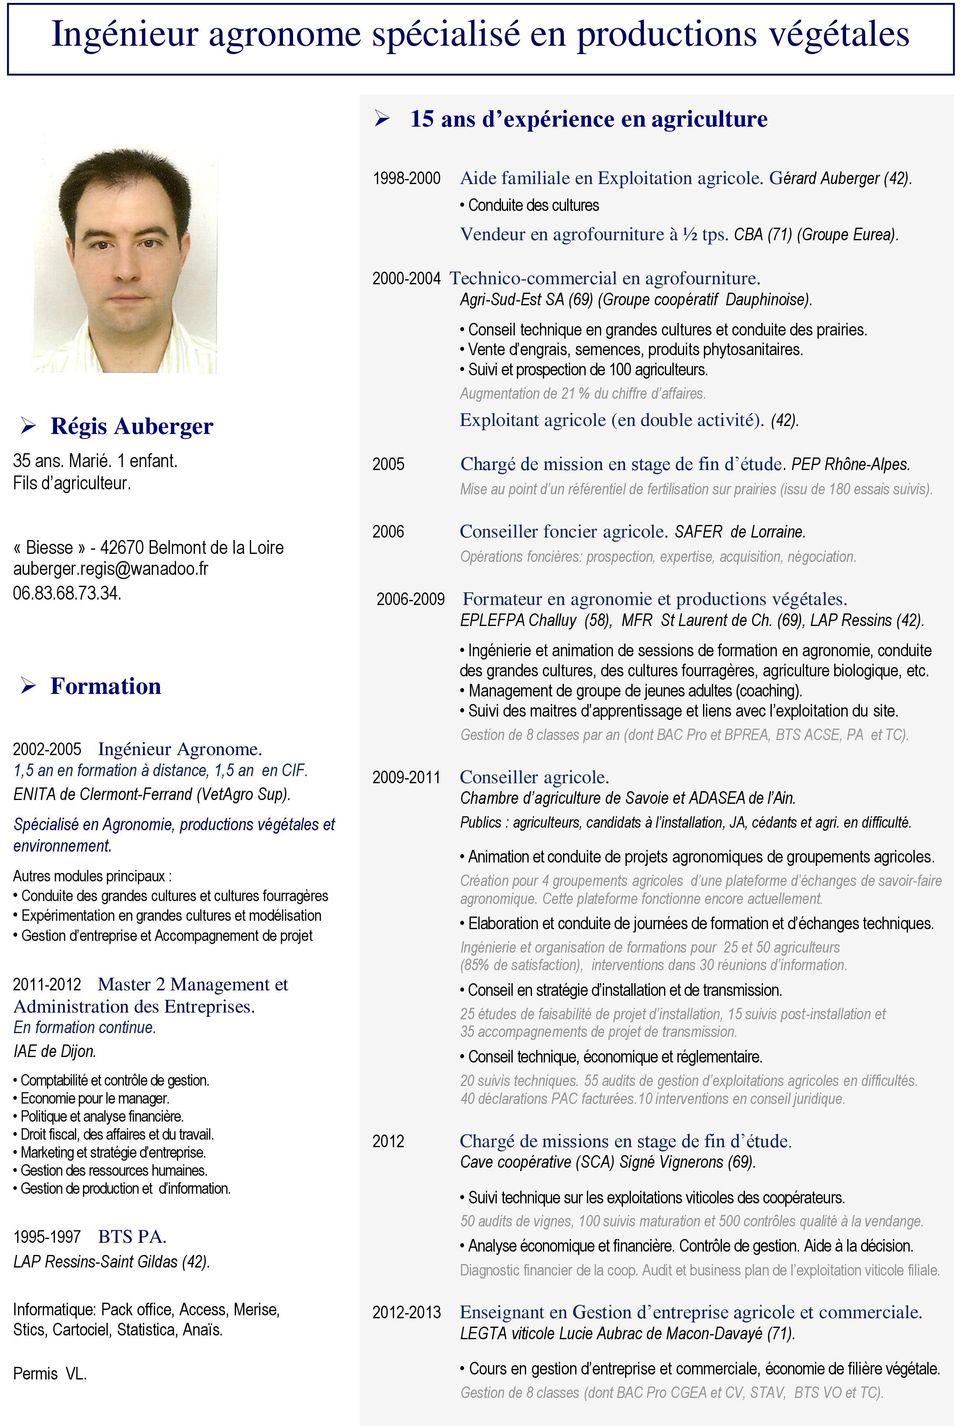 Cv Theque Des Jeunes Diplomes 6 Eme Edition Juin Pdf Telechargement Gratuit